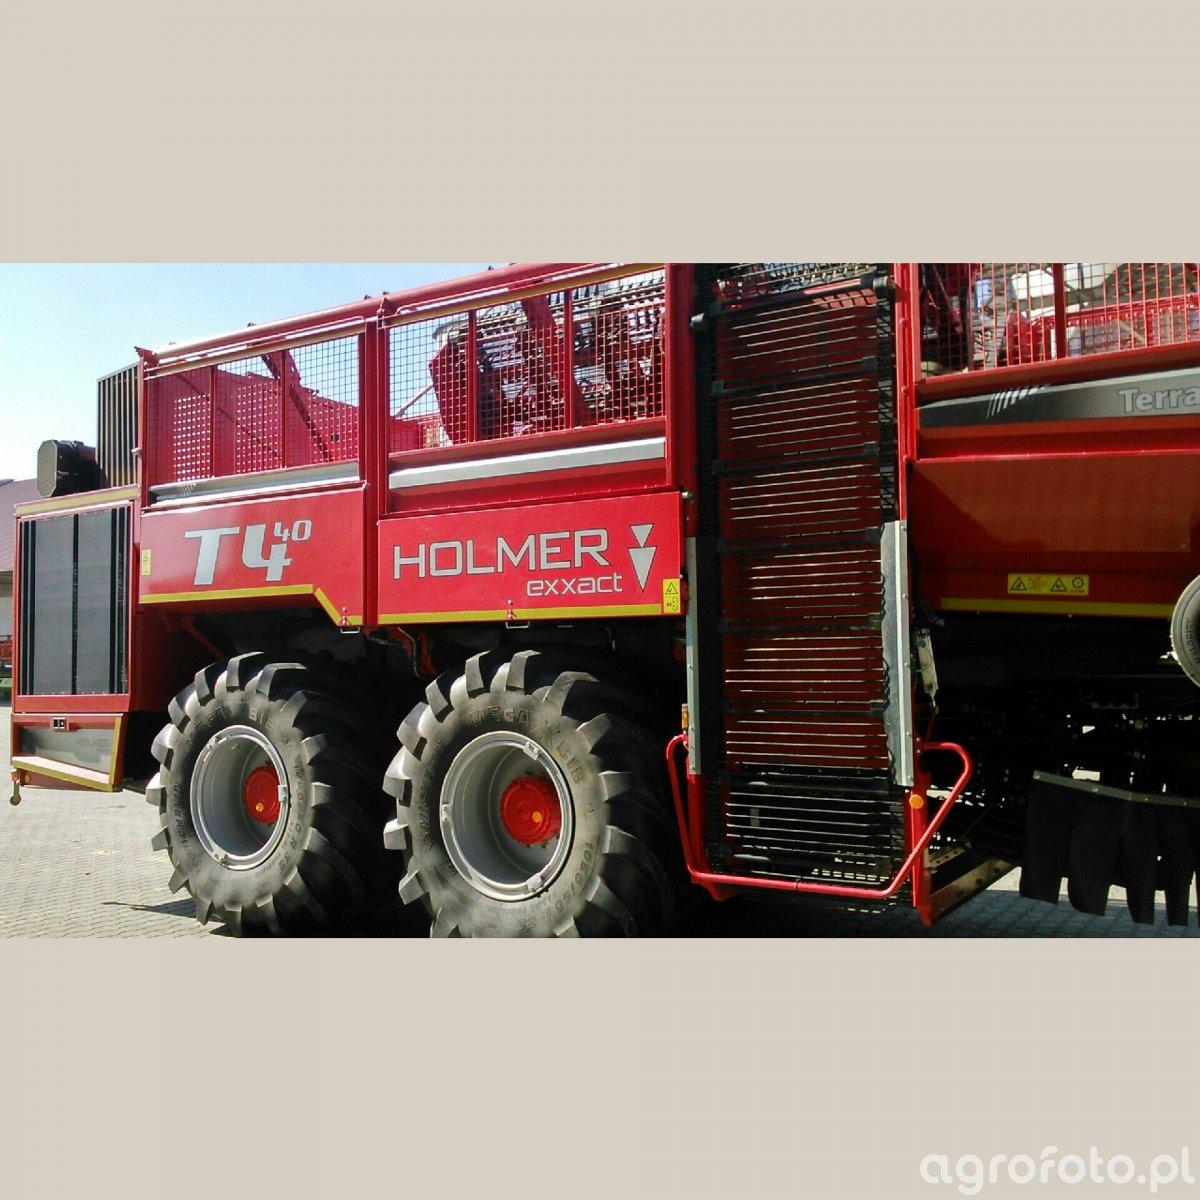 Międzynarodowy pokaz maszyn, urządzeń oraz sprzętu do uprawy i zbioru buraków cukrowych Beet Europe 2014 w Dobieszowie